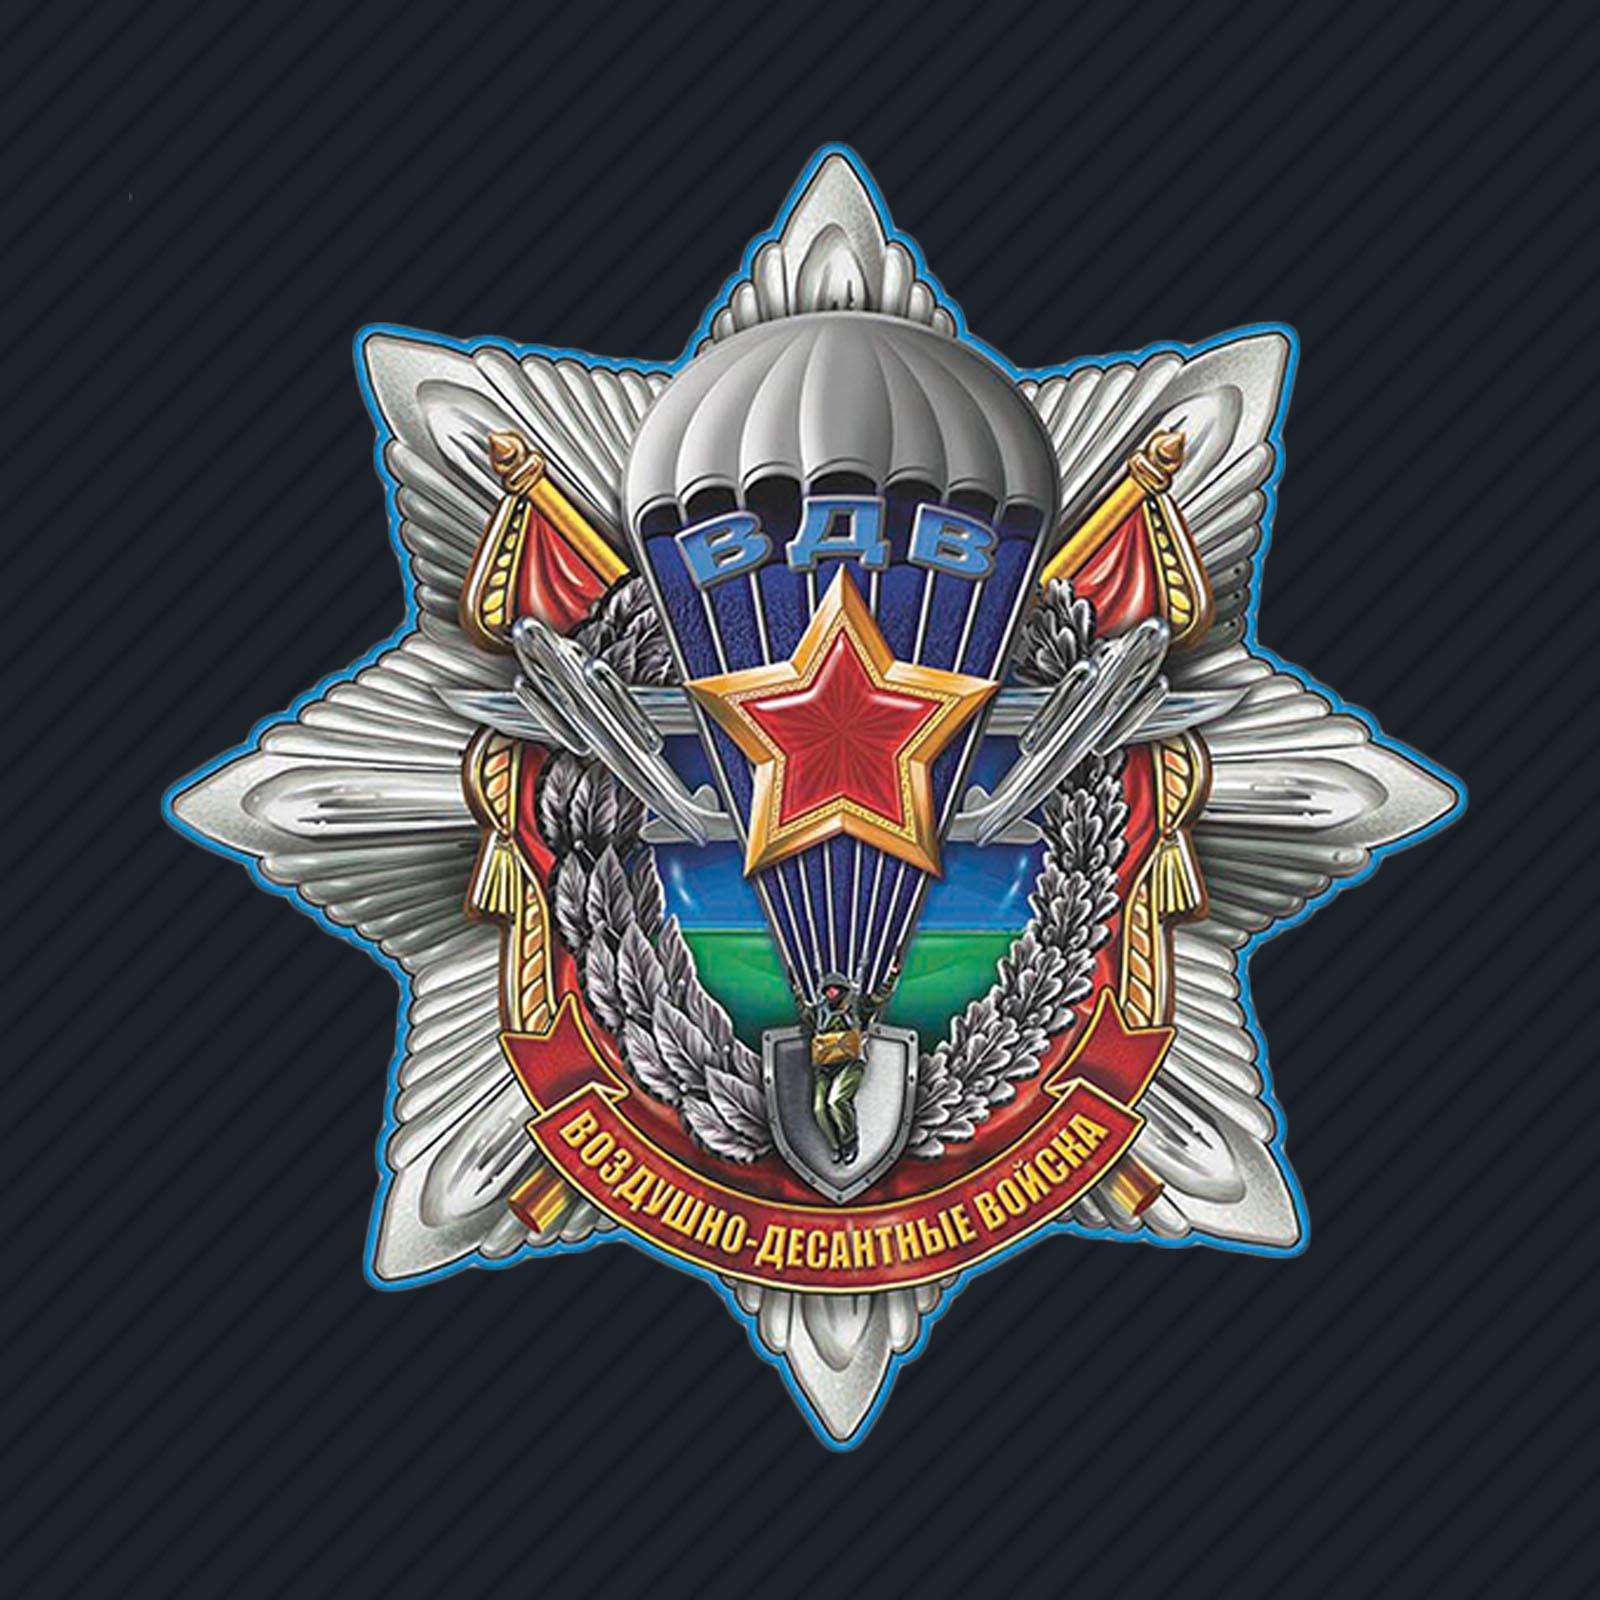 Тёмно-синяя кепка с термотрансфером Воздушно-десантные войска